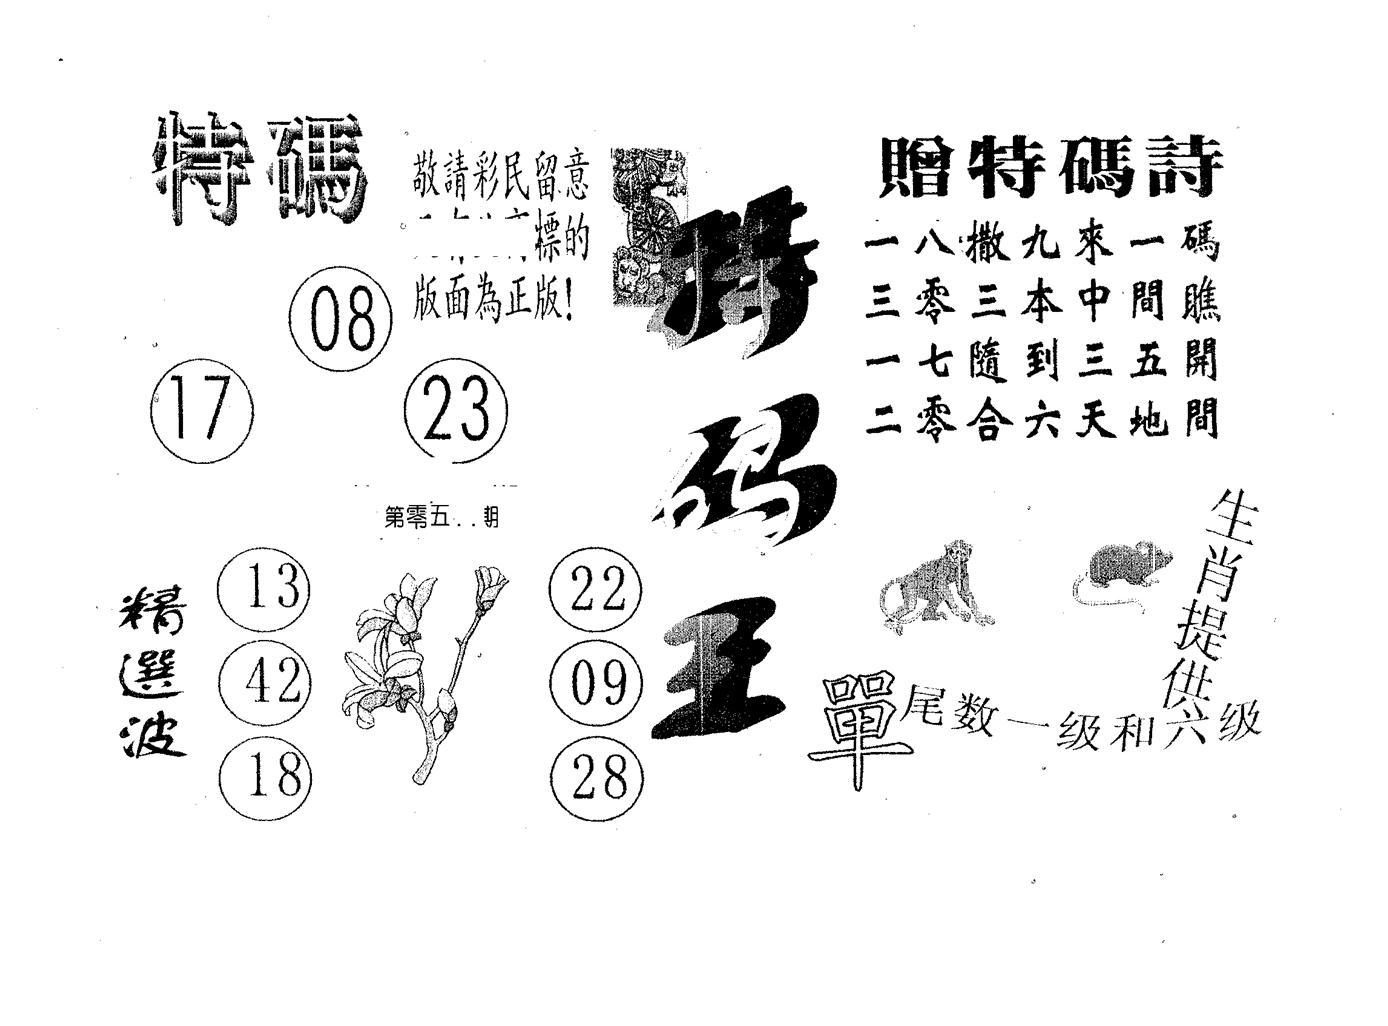 055期特码王A(黑白)